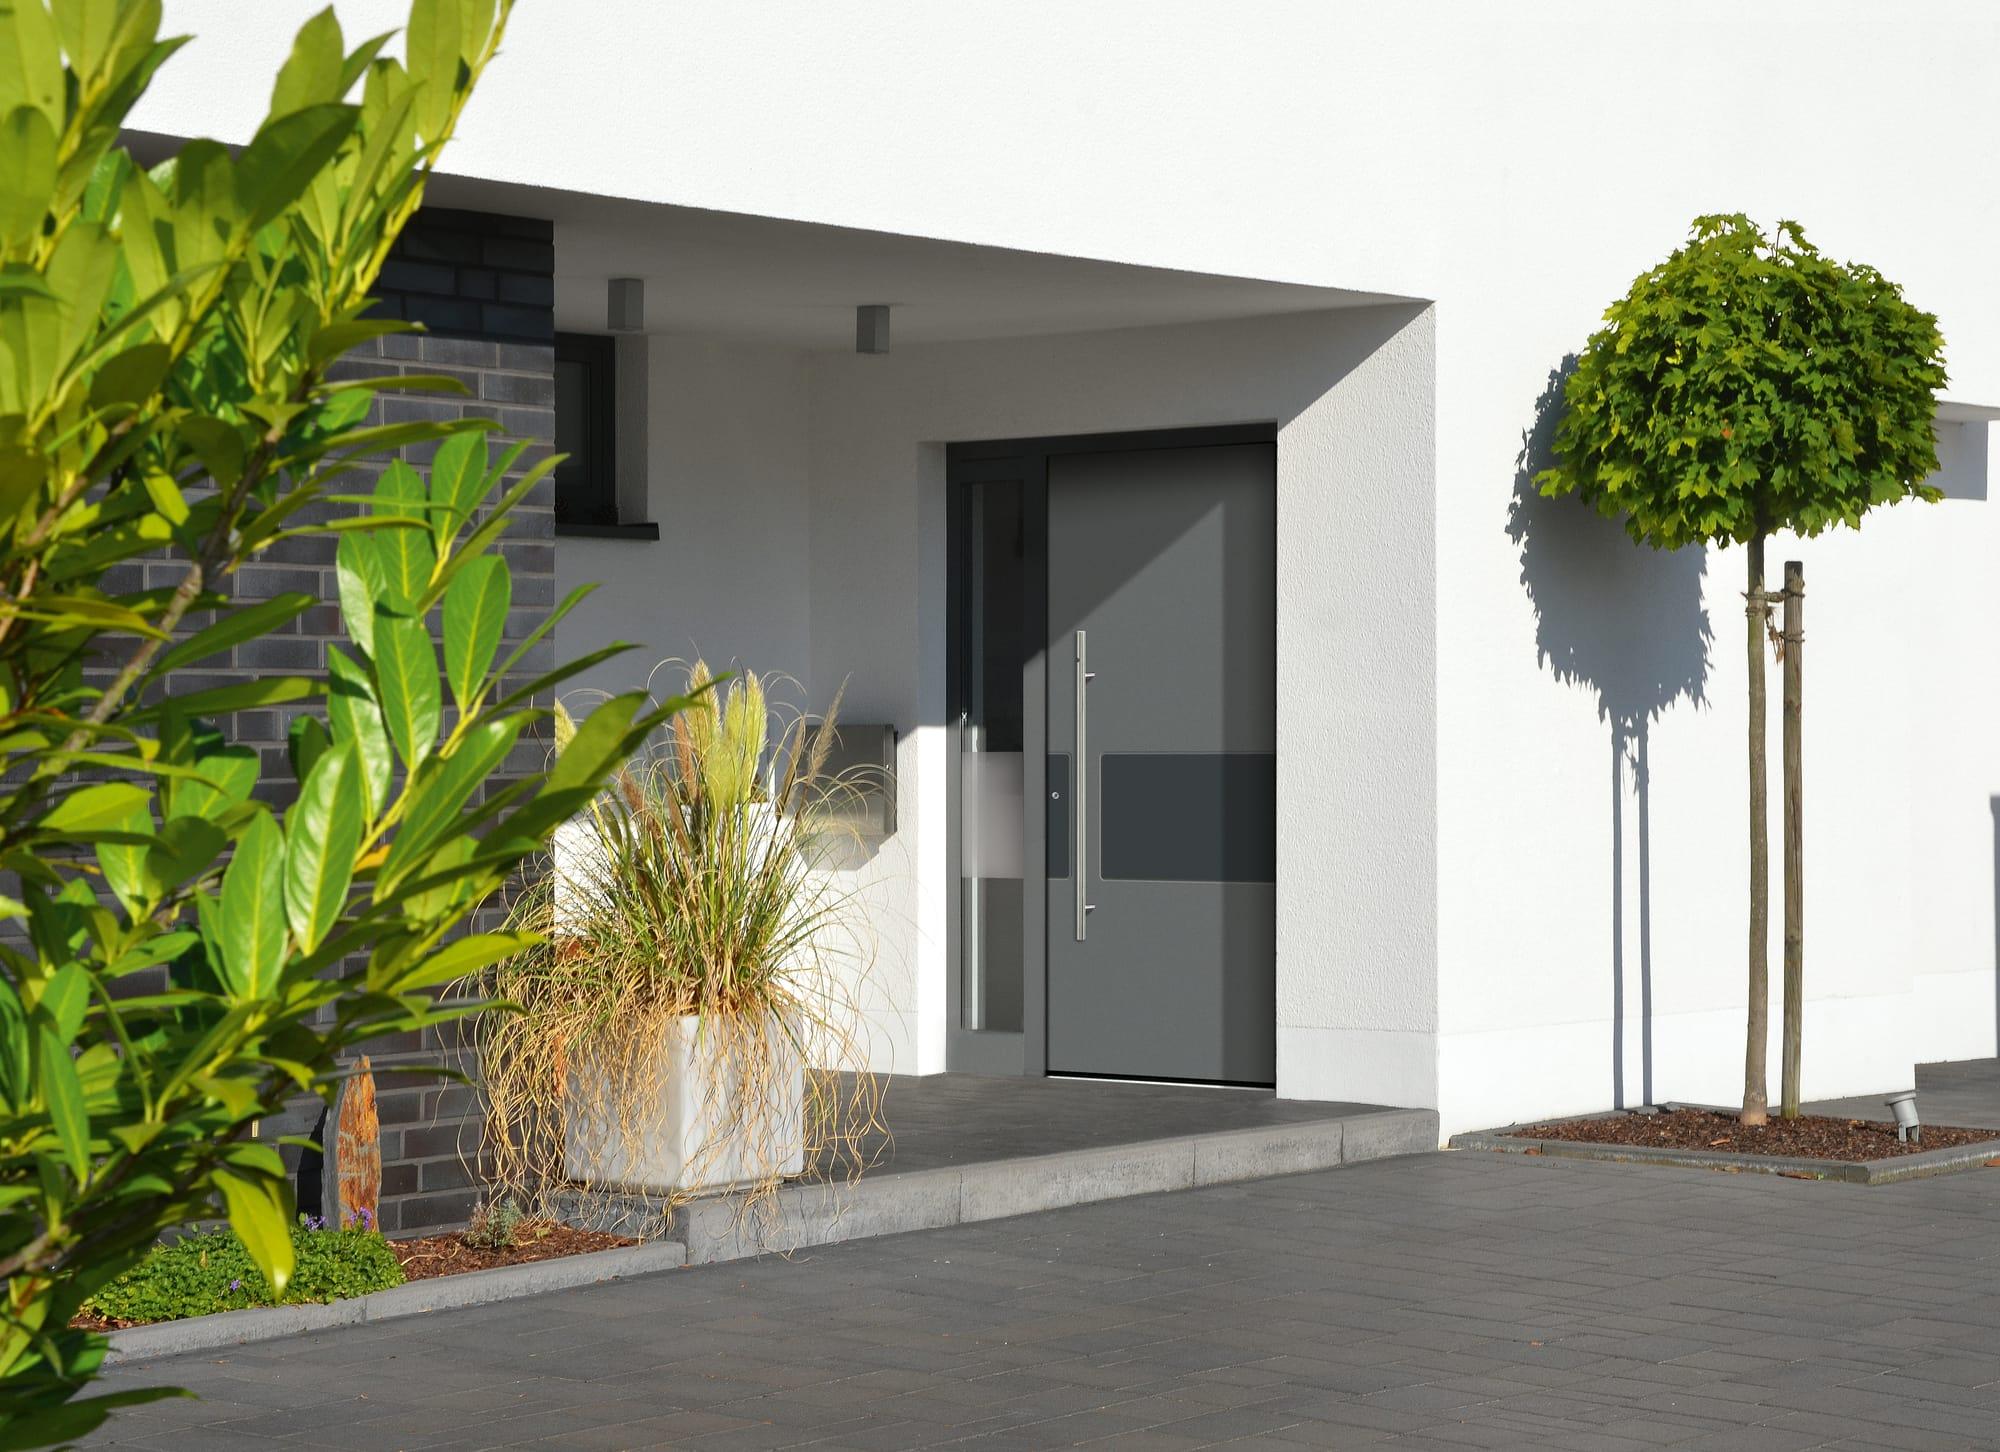 G14_9007-Graualuminium_Designfeld-7016-Anthrazitgrau_6775-98 Home